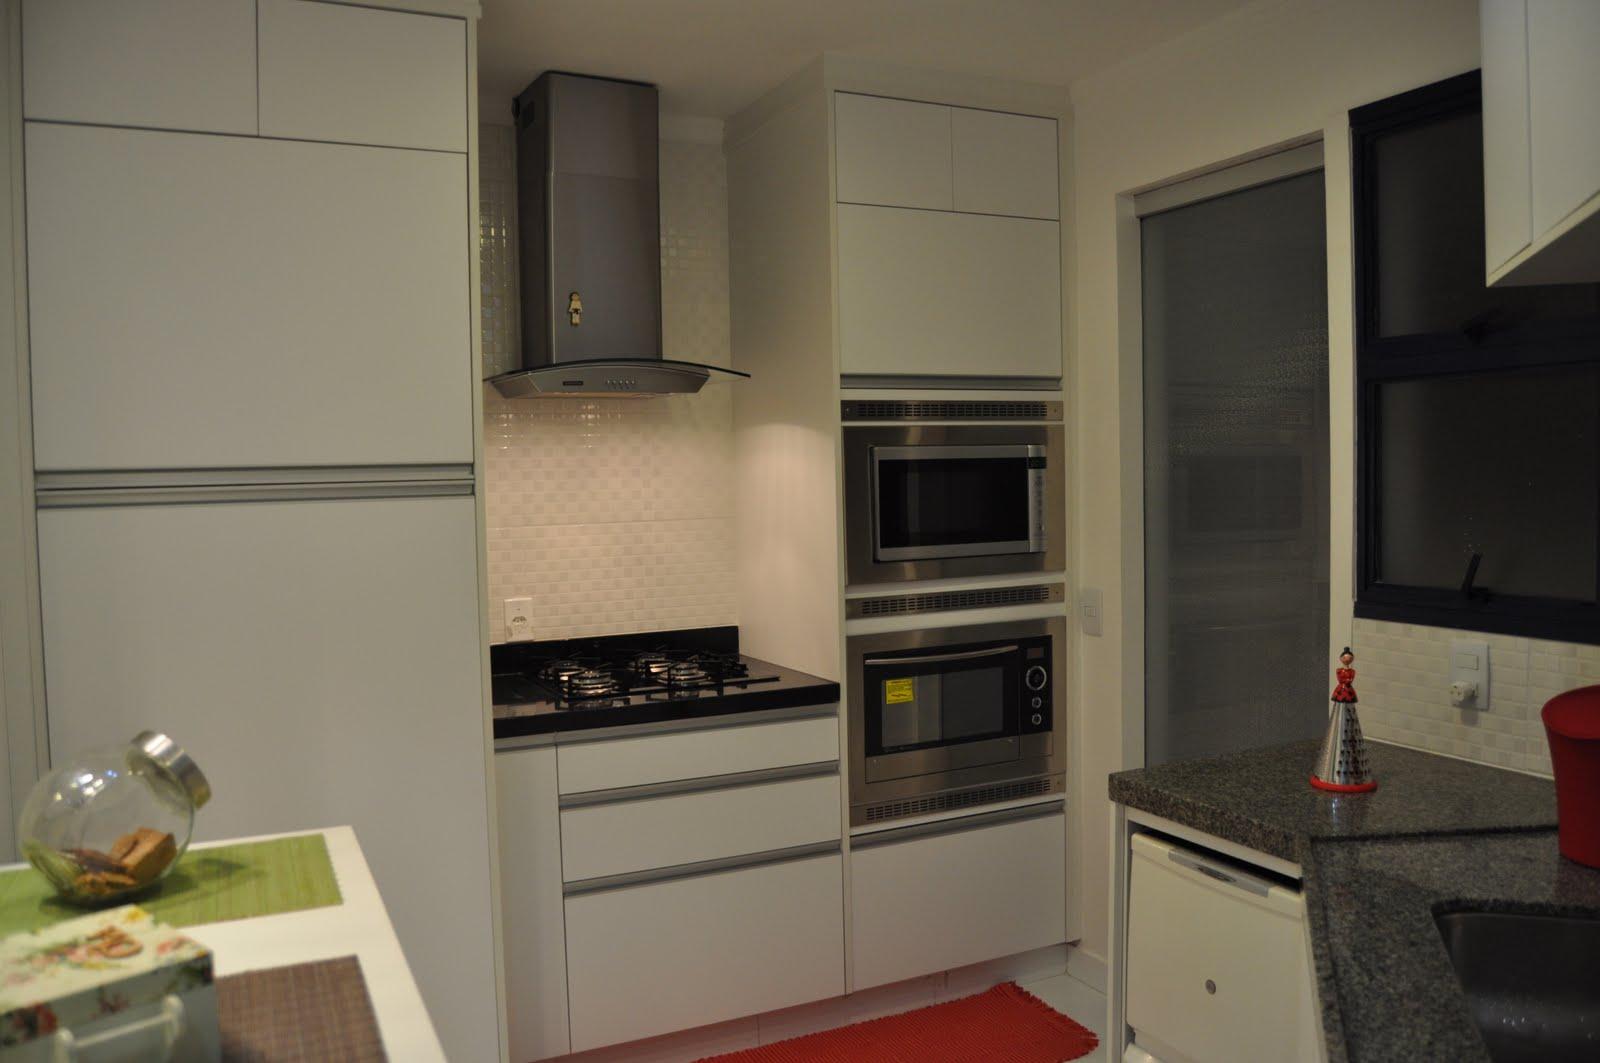 Apartamento de 3 dormitórios em Bauru/SP Designer de Interiores  #A48F27 1600 1063